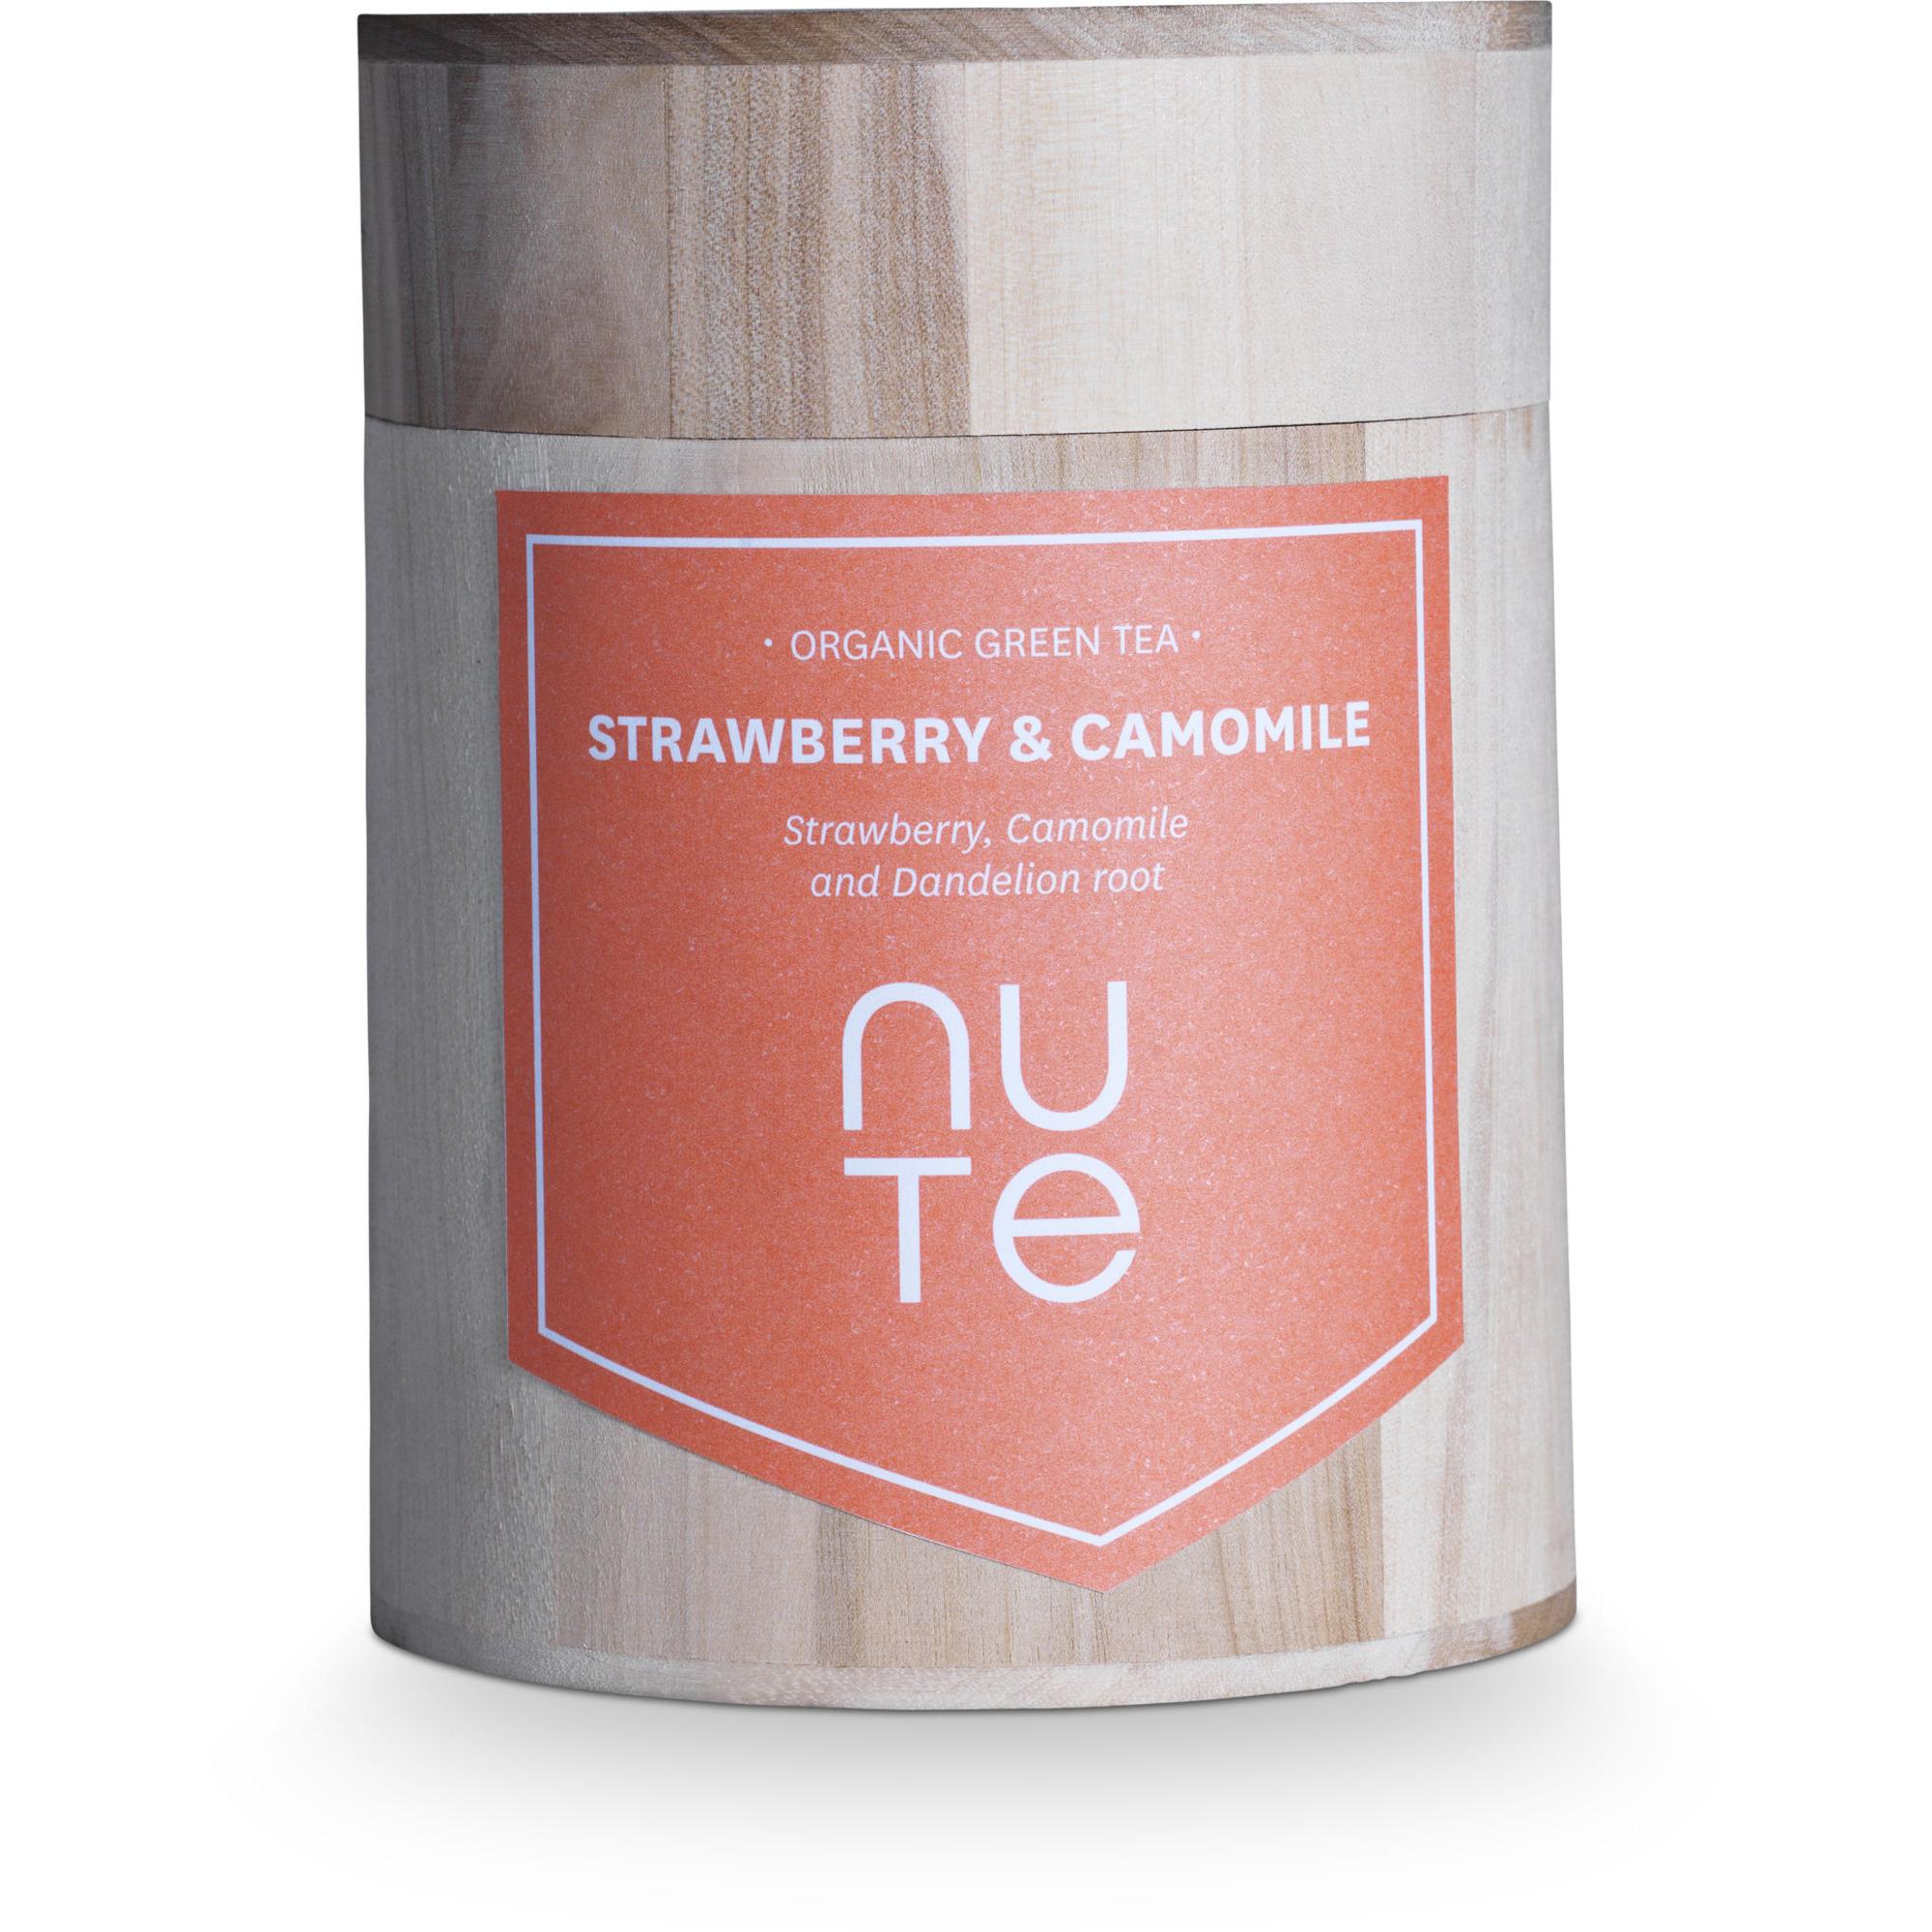 NUTE Strawberry & Camomile